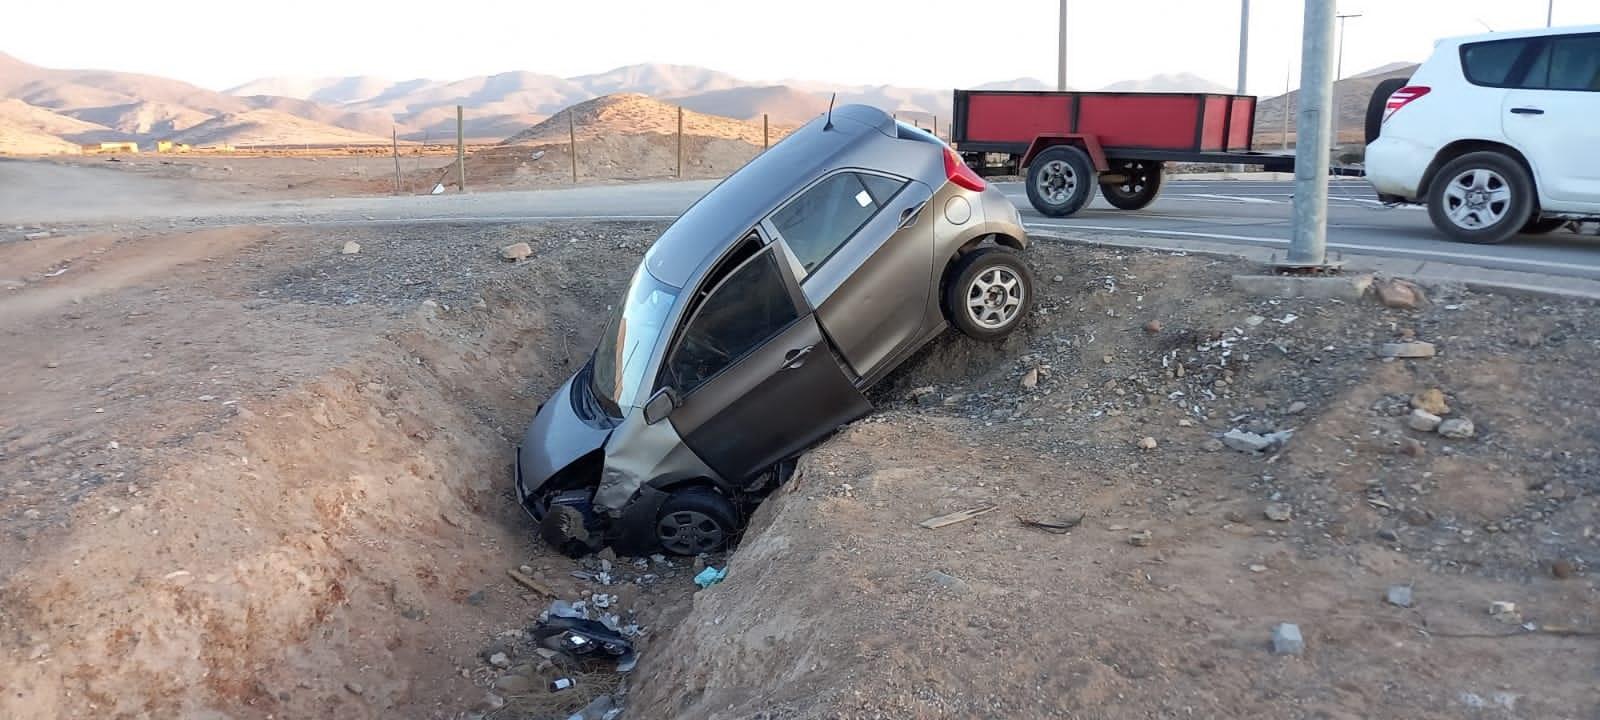 Accidentes de tránsito en Vallenar aumentaron entre 60% a 65% en últimos días